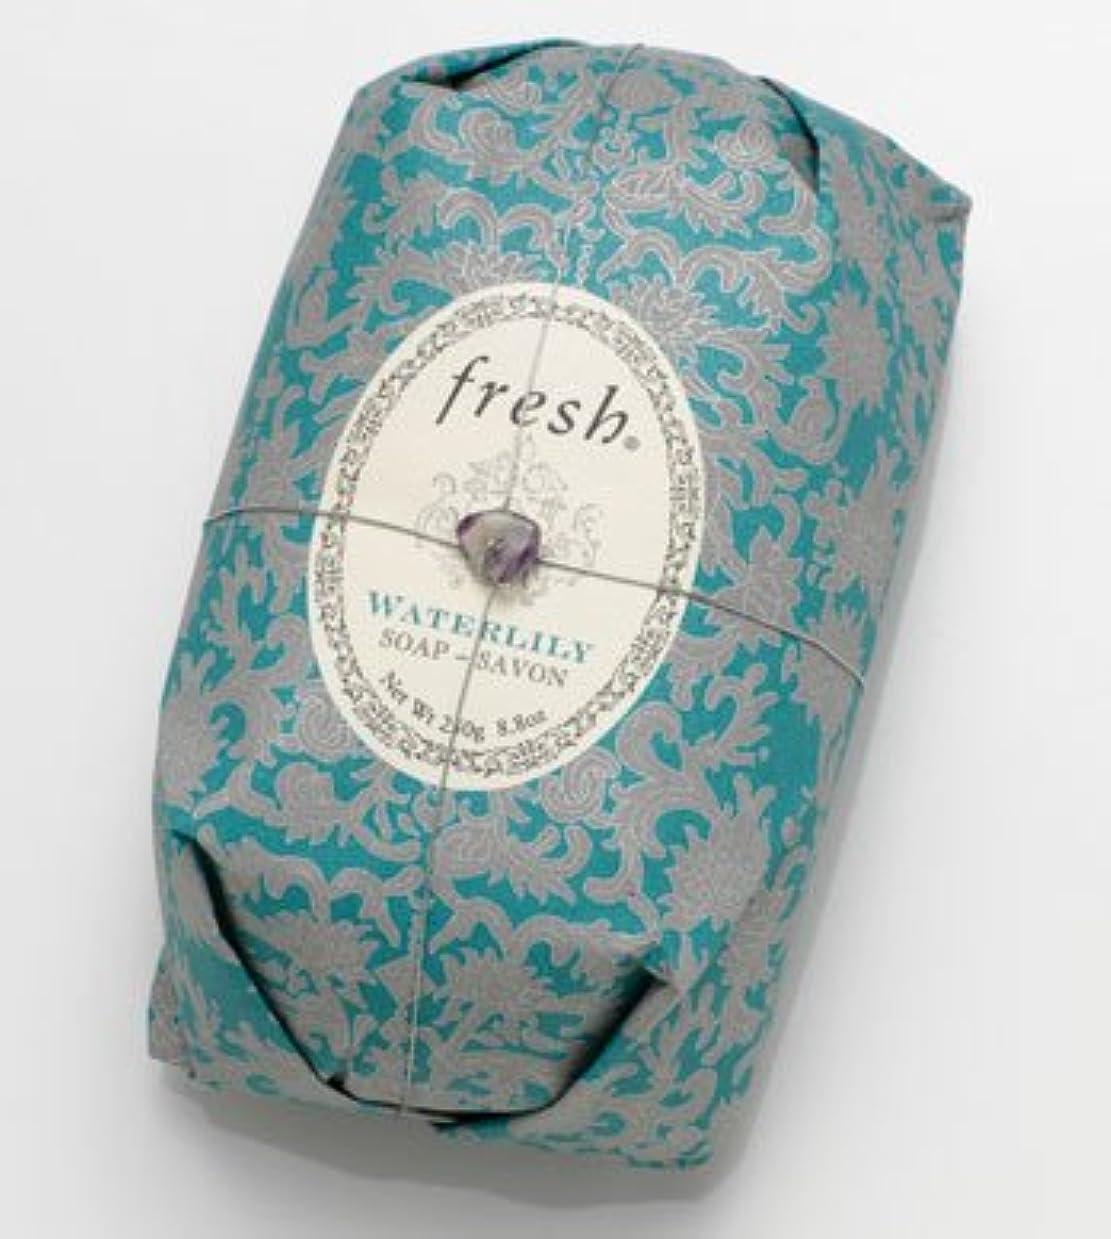 論争的道を作る依存するFresh WATERLILY SOAP (フレッシュ ウオーターリリー ソープ) 8.8 oz (250g) Soap (石鹸) by Fresh